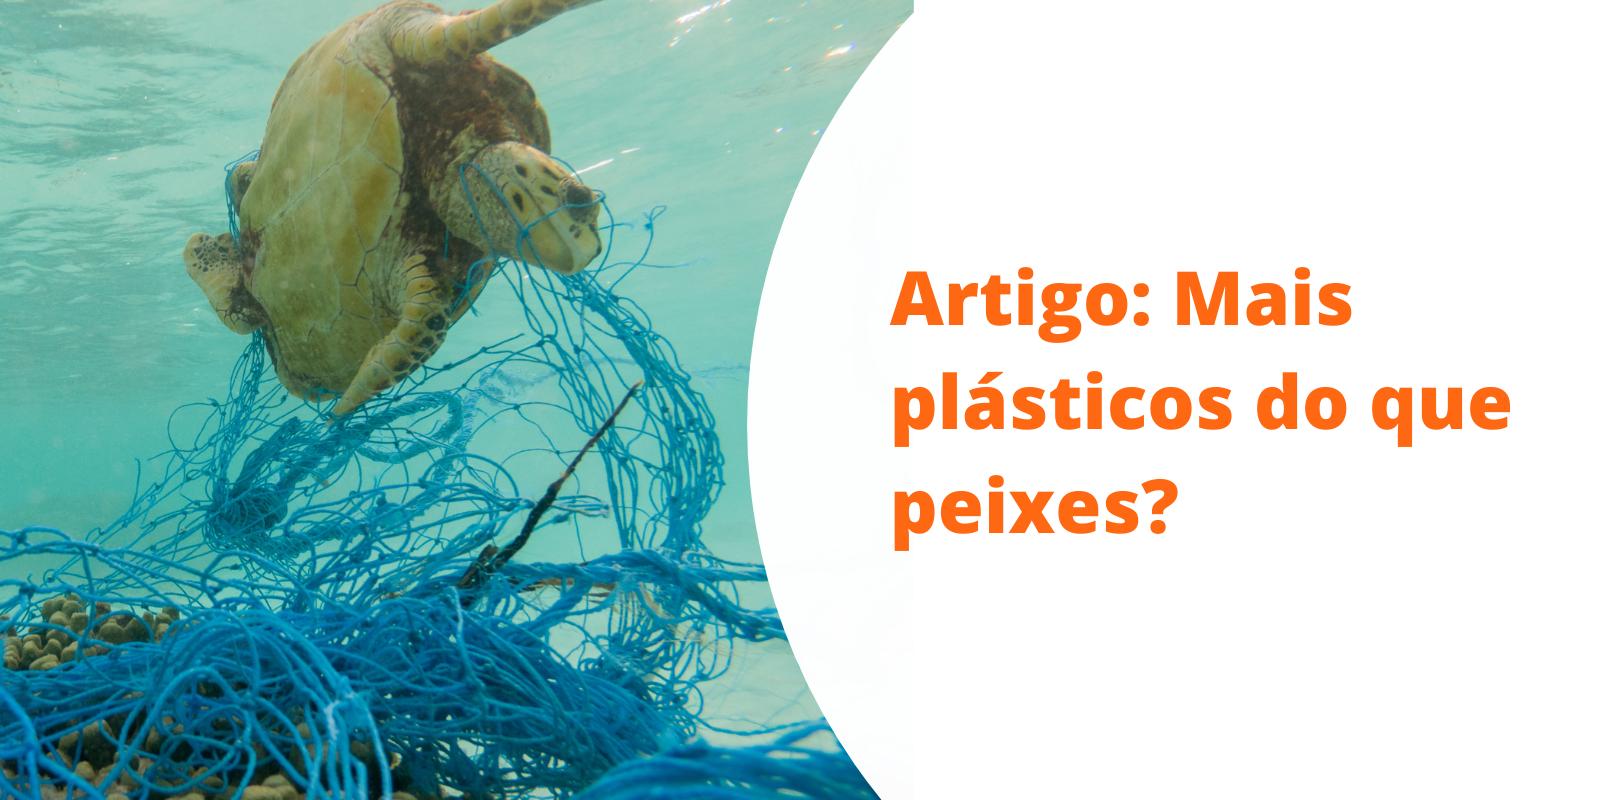 Imagem: Artigo: A gestão sustentável dos petrechos utilizados na pesca e aquicultura